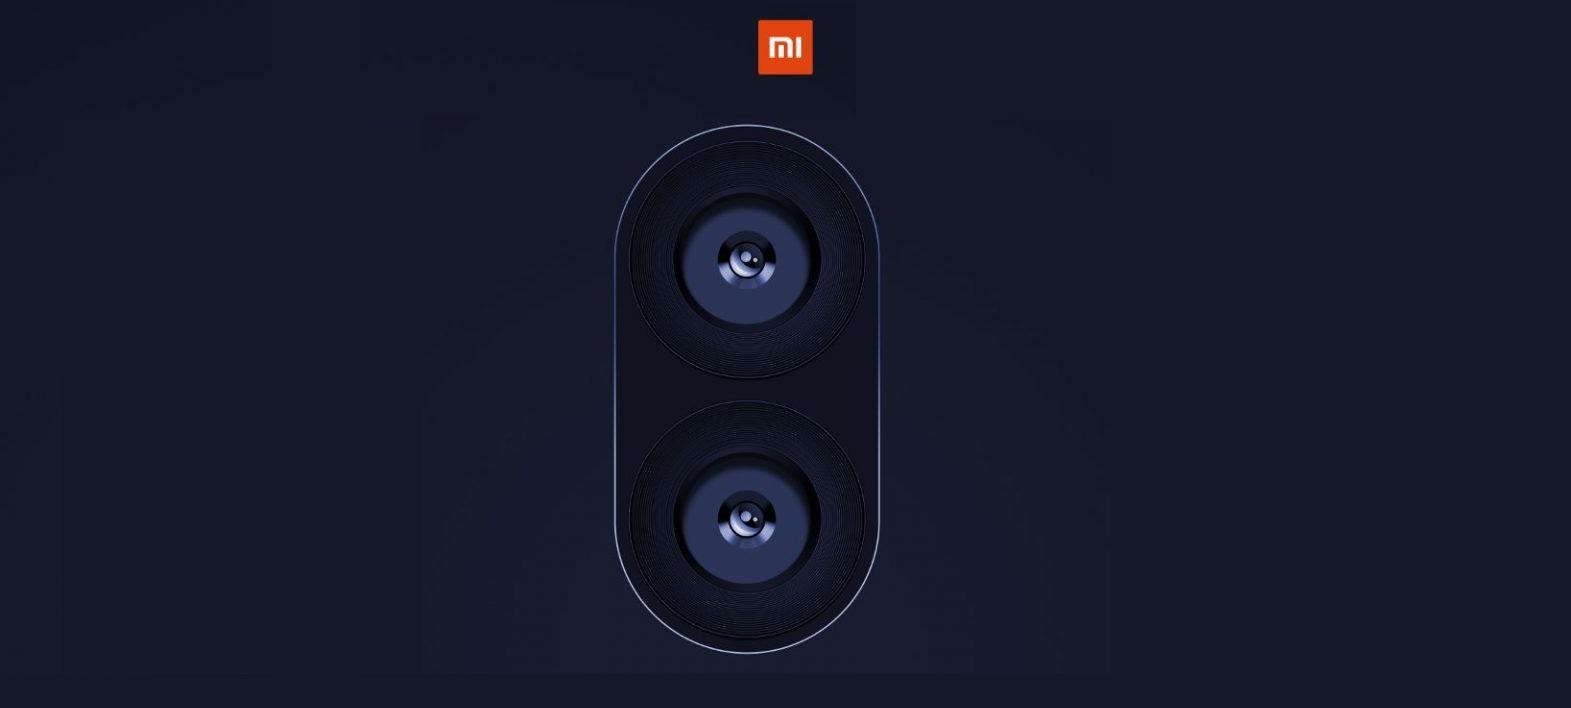 تماشا کنید: شیائومی با سری جدید گوشیهای هوشمند همراه با دوربین دوگانه از راه خواهد رسید